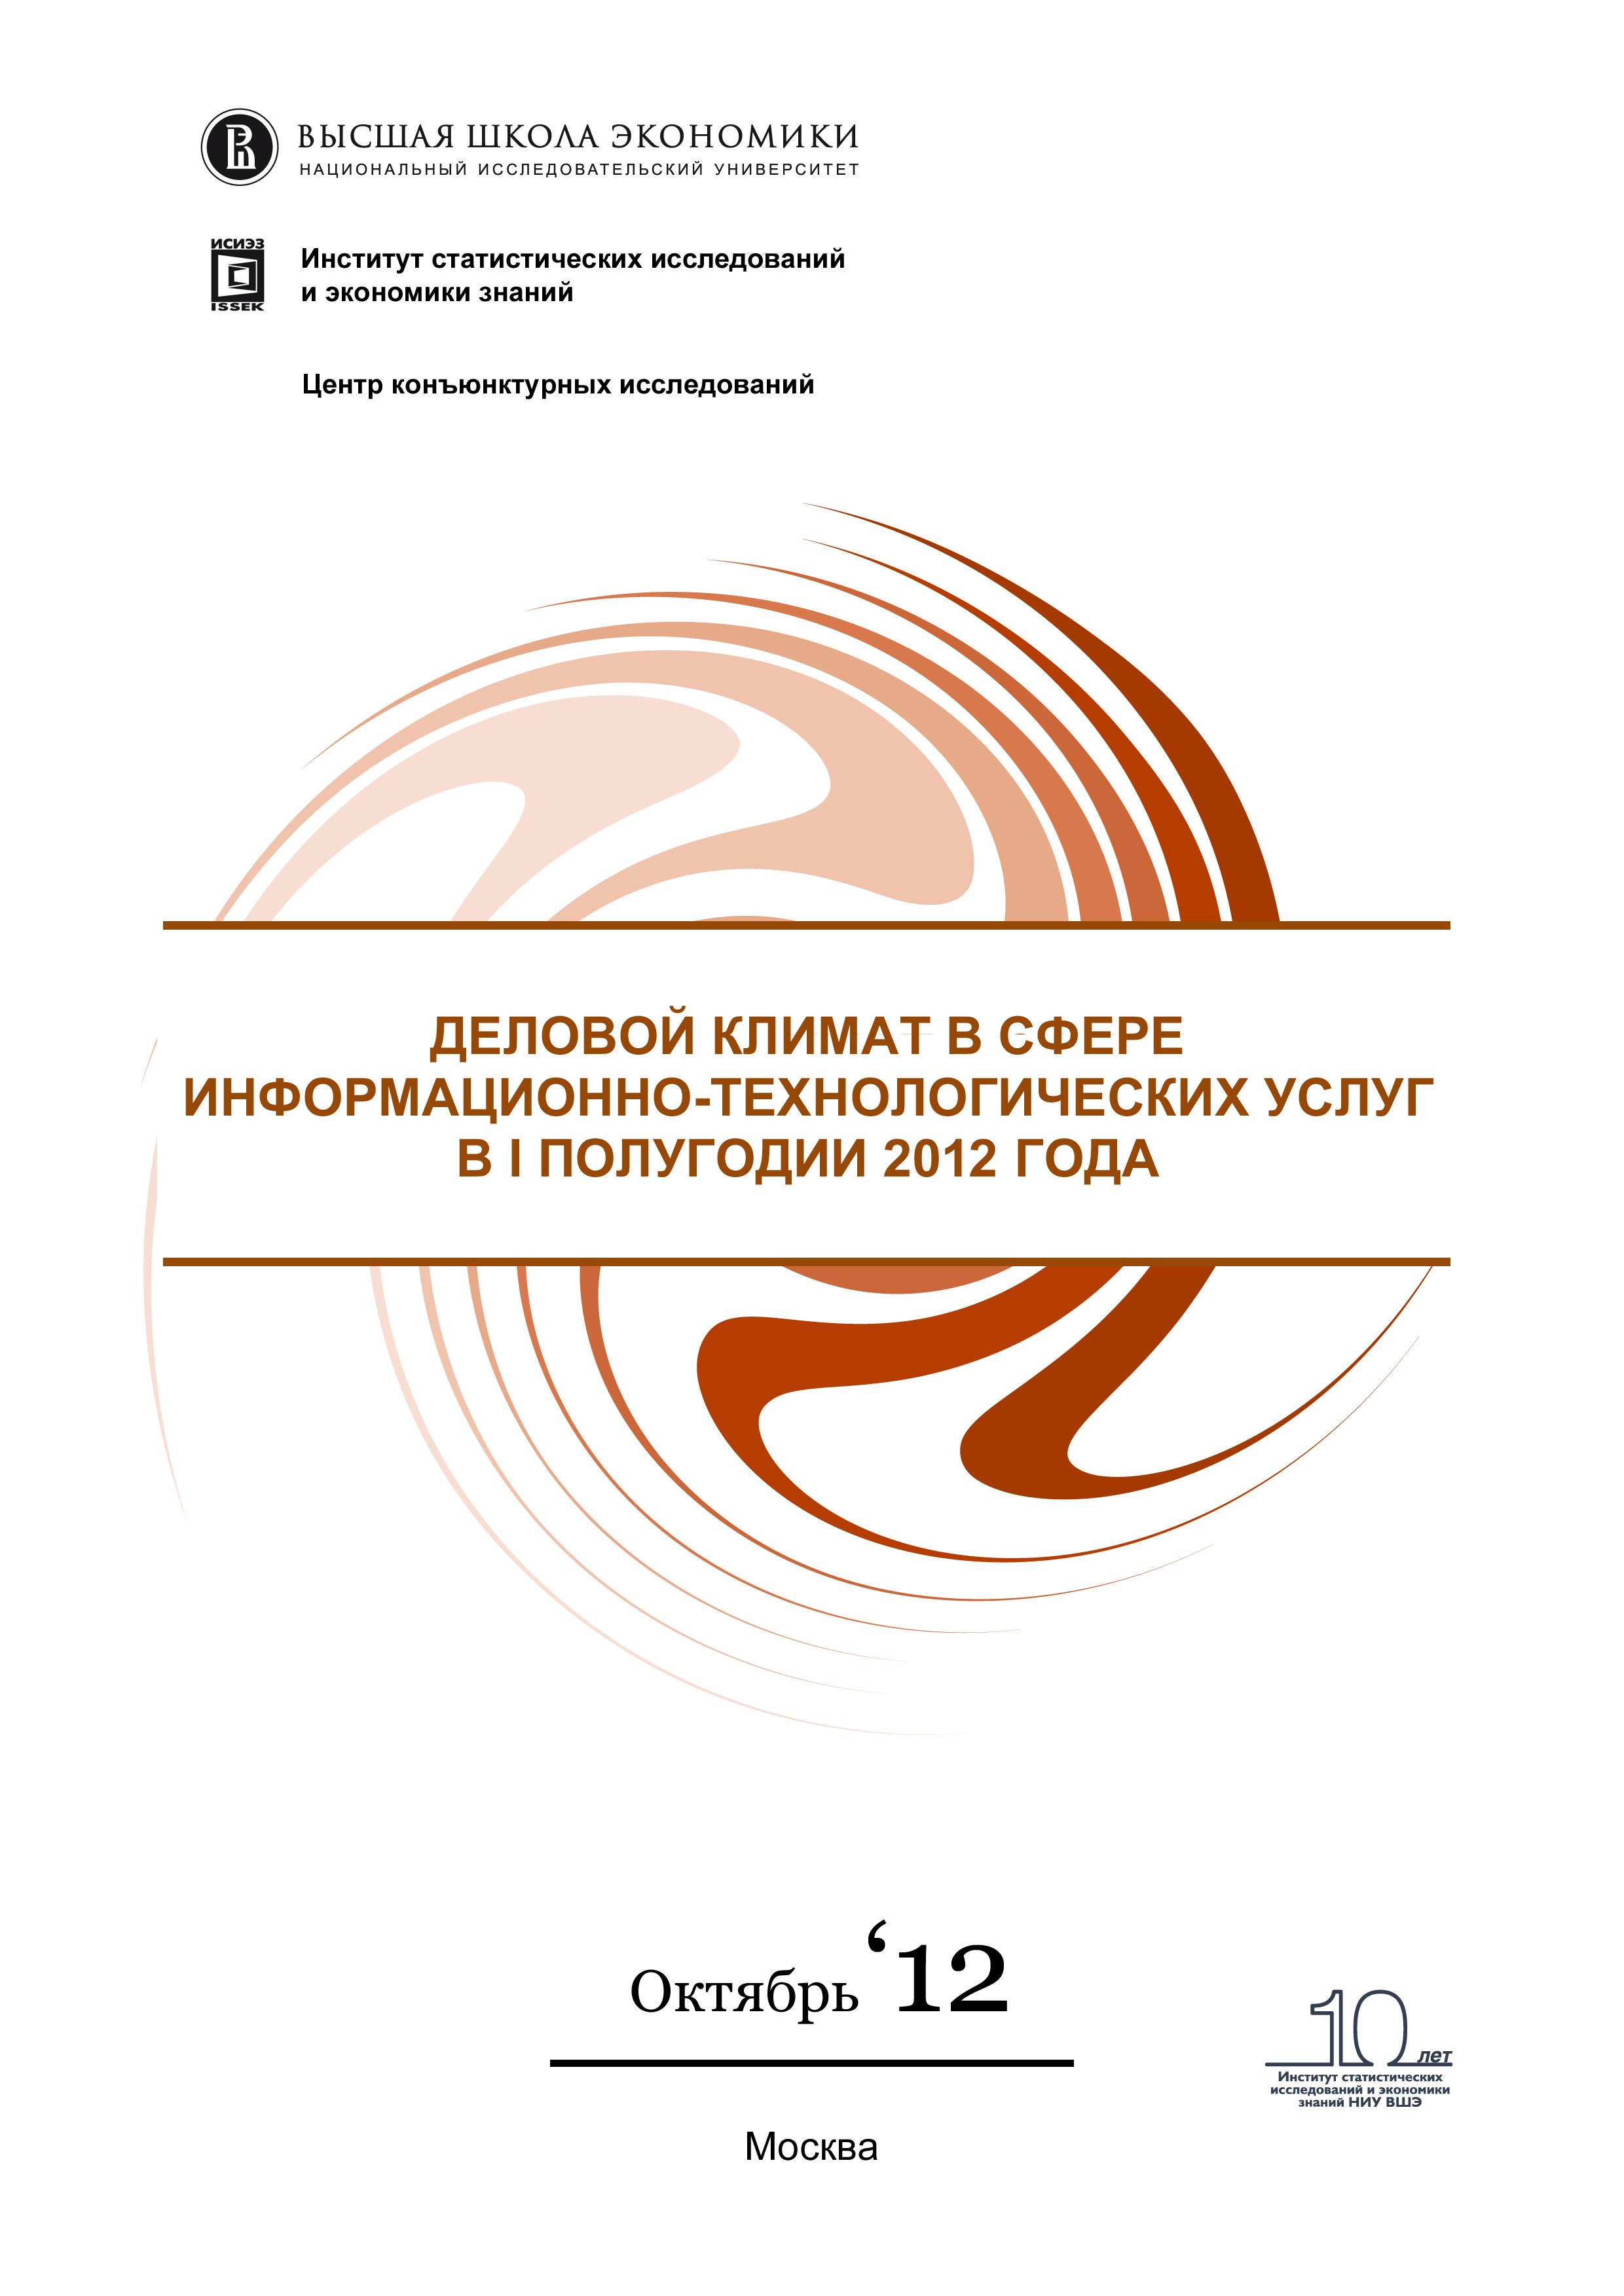 Деловой климат в сфере информационно–технологических услуг в I полугодии 2012 года